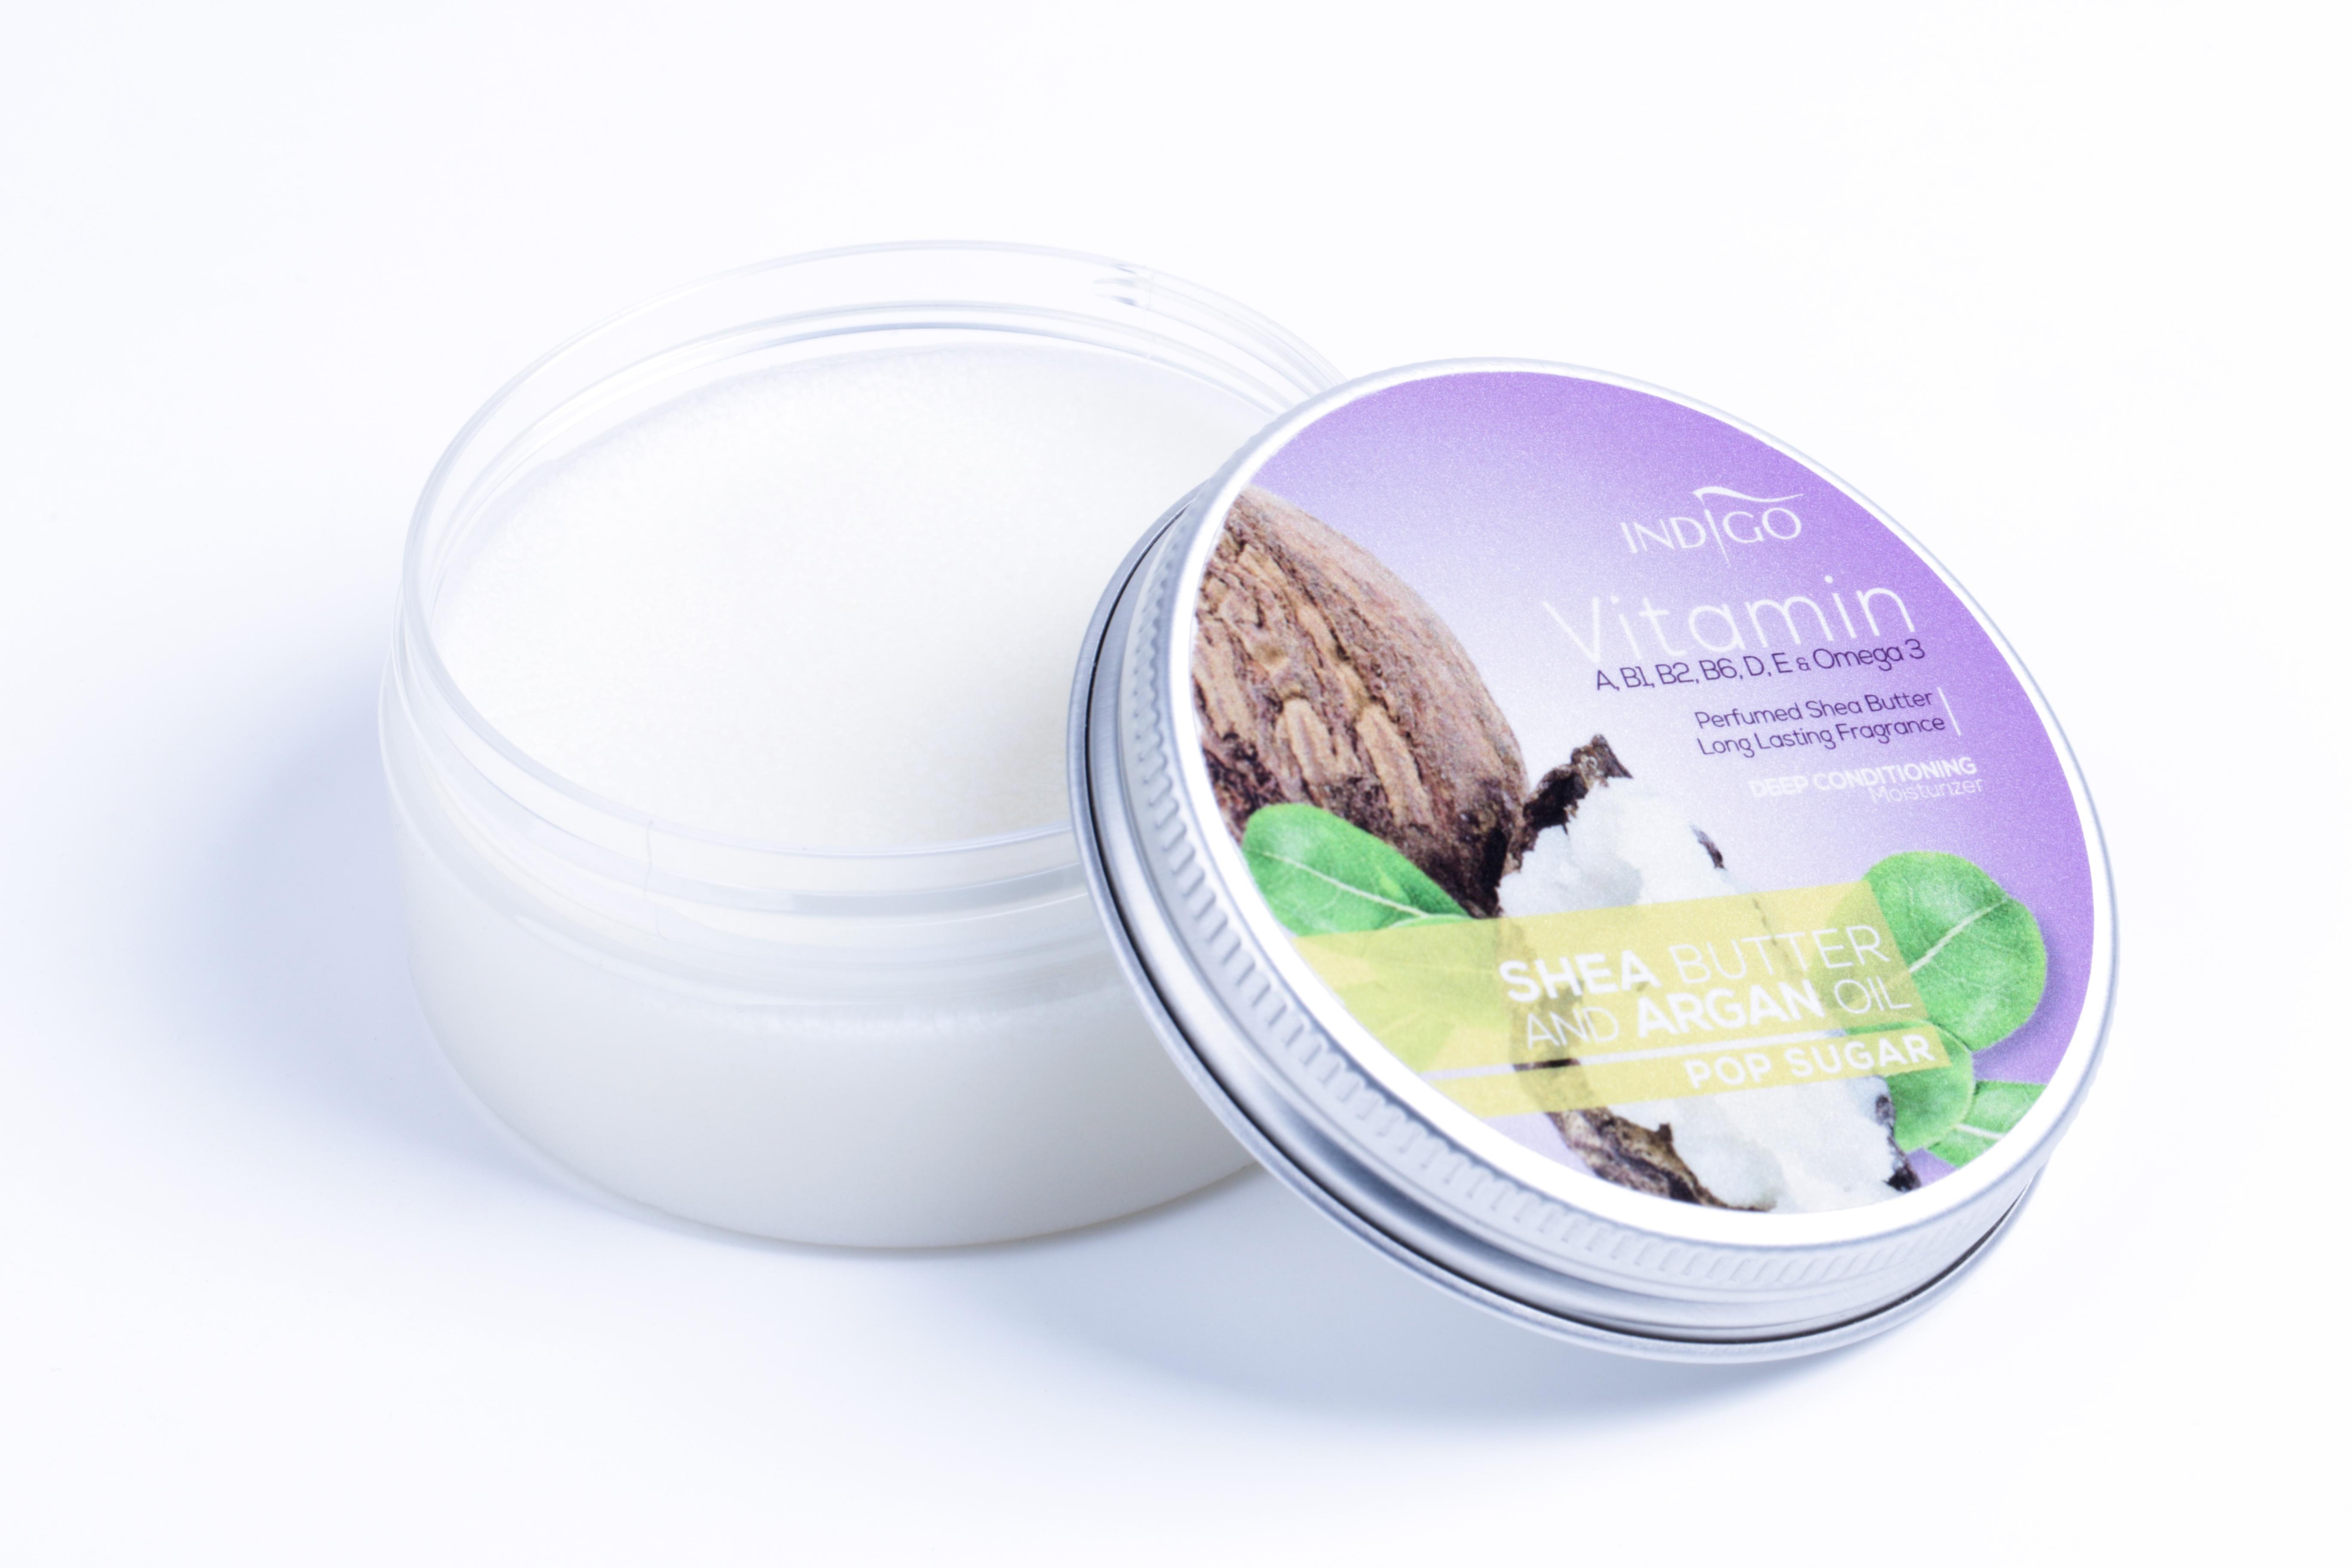 maslo shea, odżywczy manicure, manicure wzmacniający, natalia siwiec, butter shea, olejek arganowy, odzywka do paznokci, odzywka do włosów,